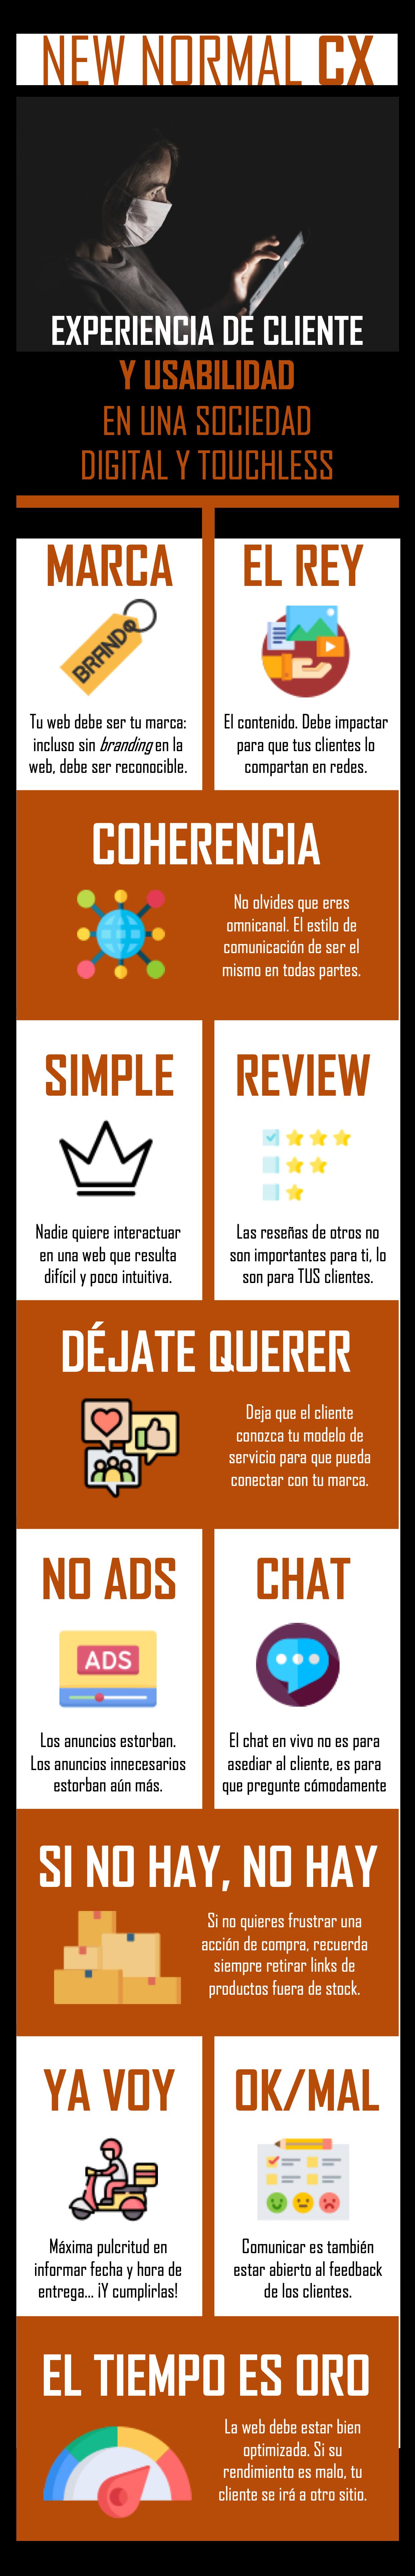 Infografía Experiencia de Cliente en la Nueva Normalidad